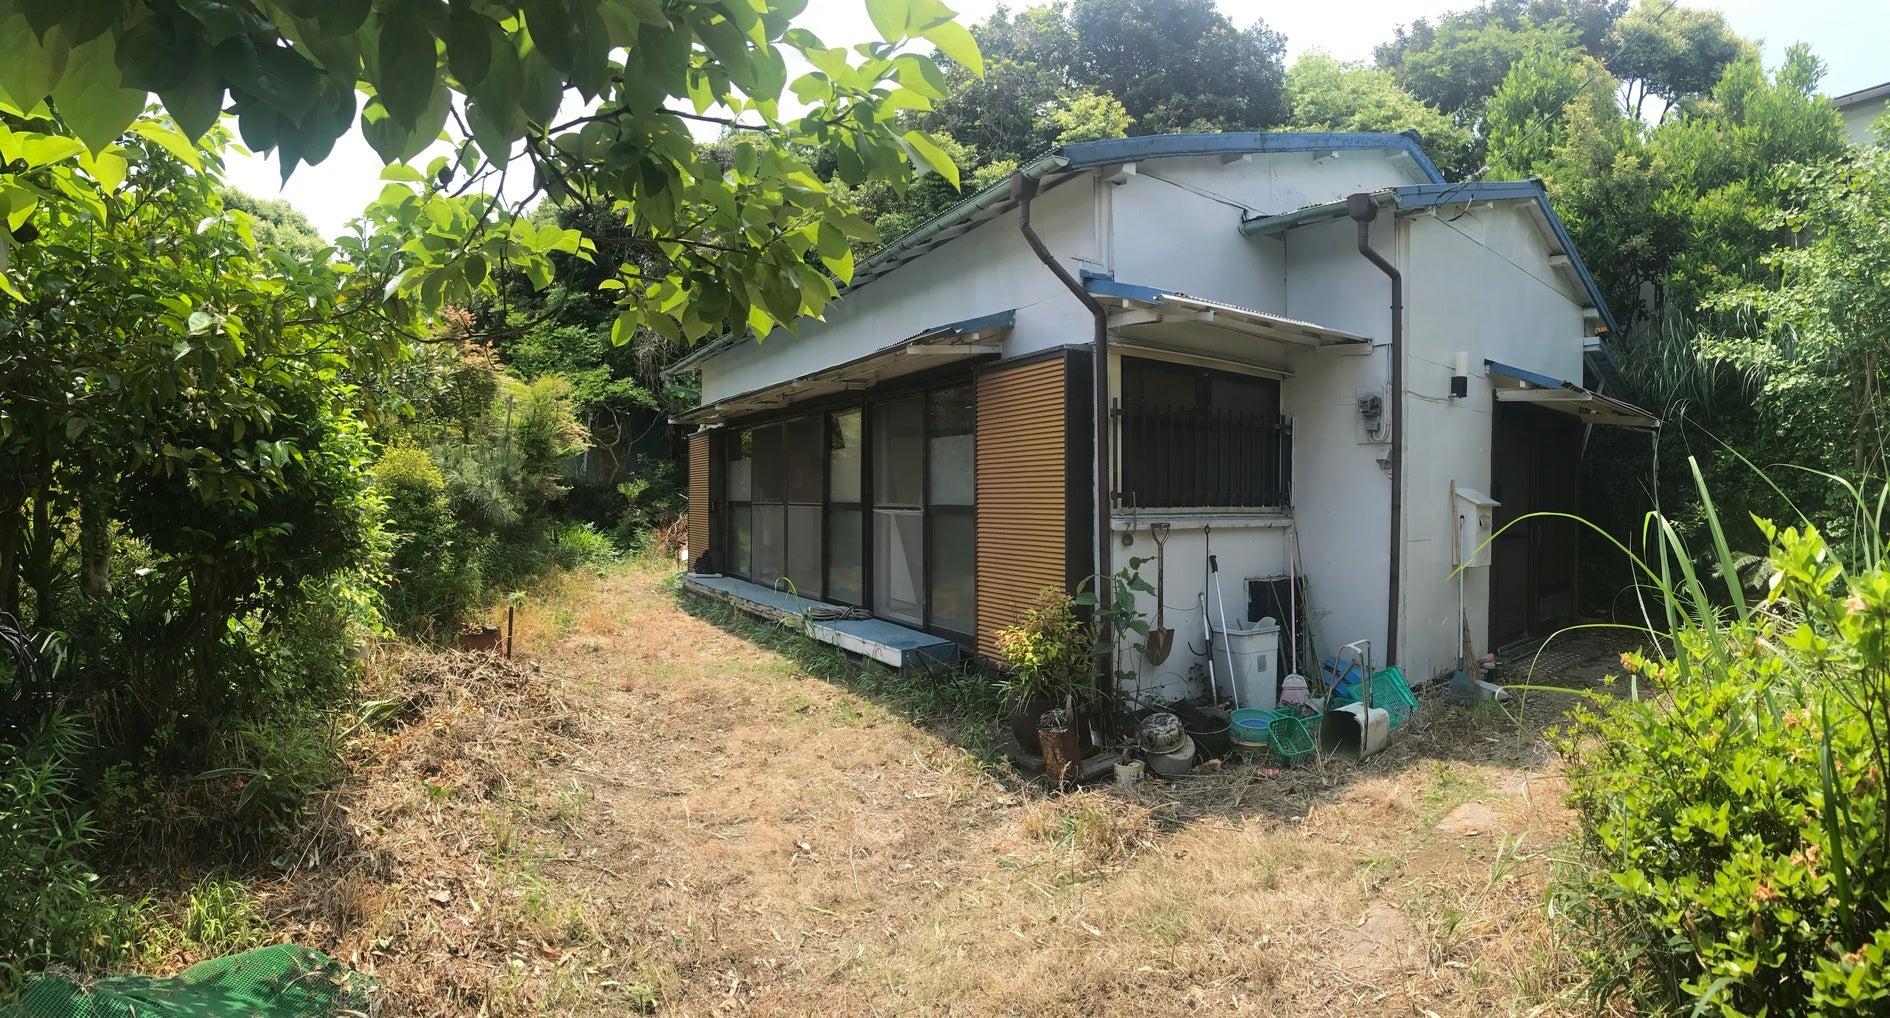 【横須賀】山の上の広い庭付き古民家 CASE#00001(ケース・ワン)(【横須賀】山の上の広い庭付き古民家 CASE#00001(ケース・ワン)) の写真0